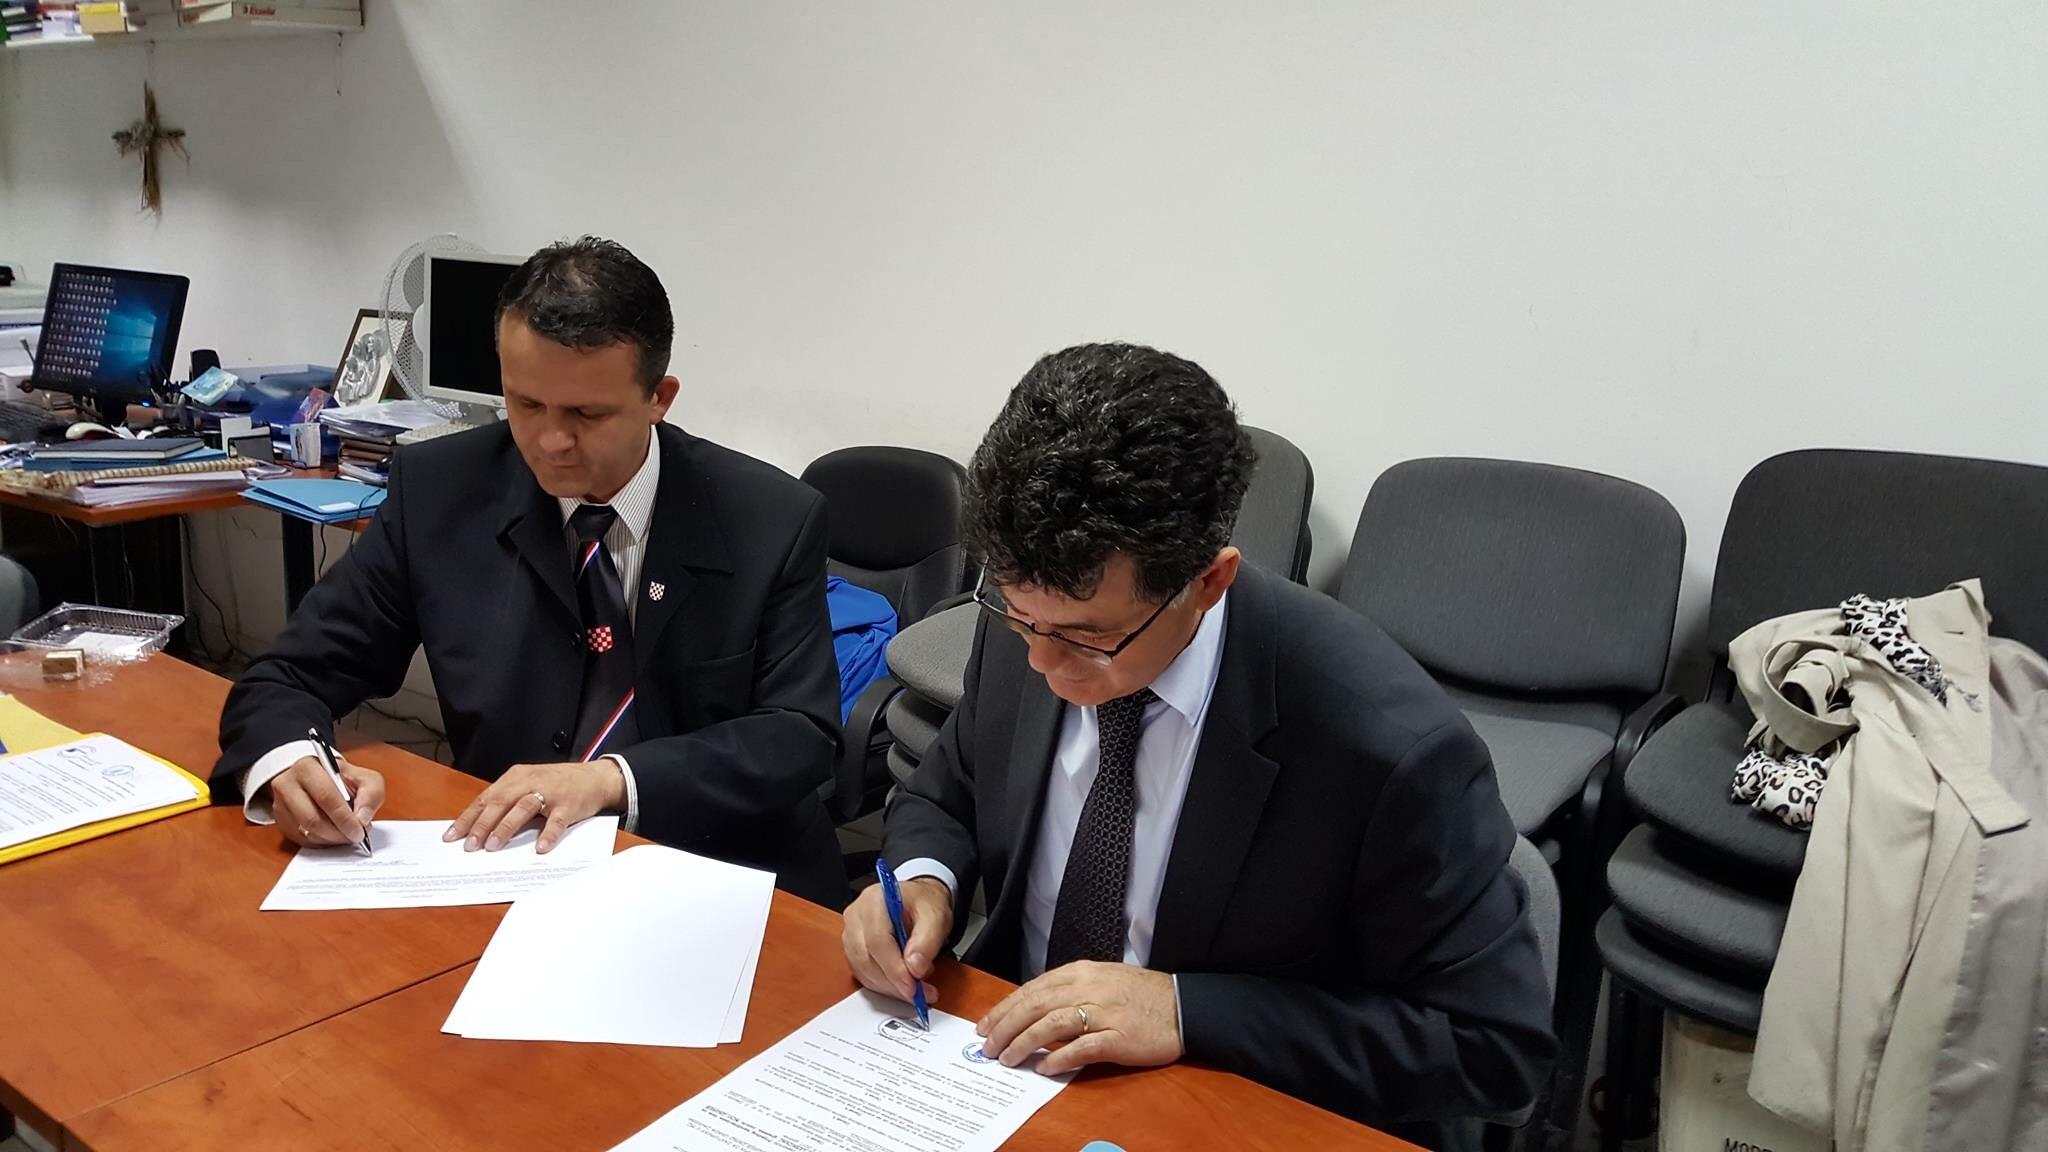 hcsp_obiteljska_potpisivanje_koalicije2